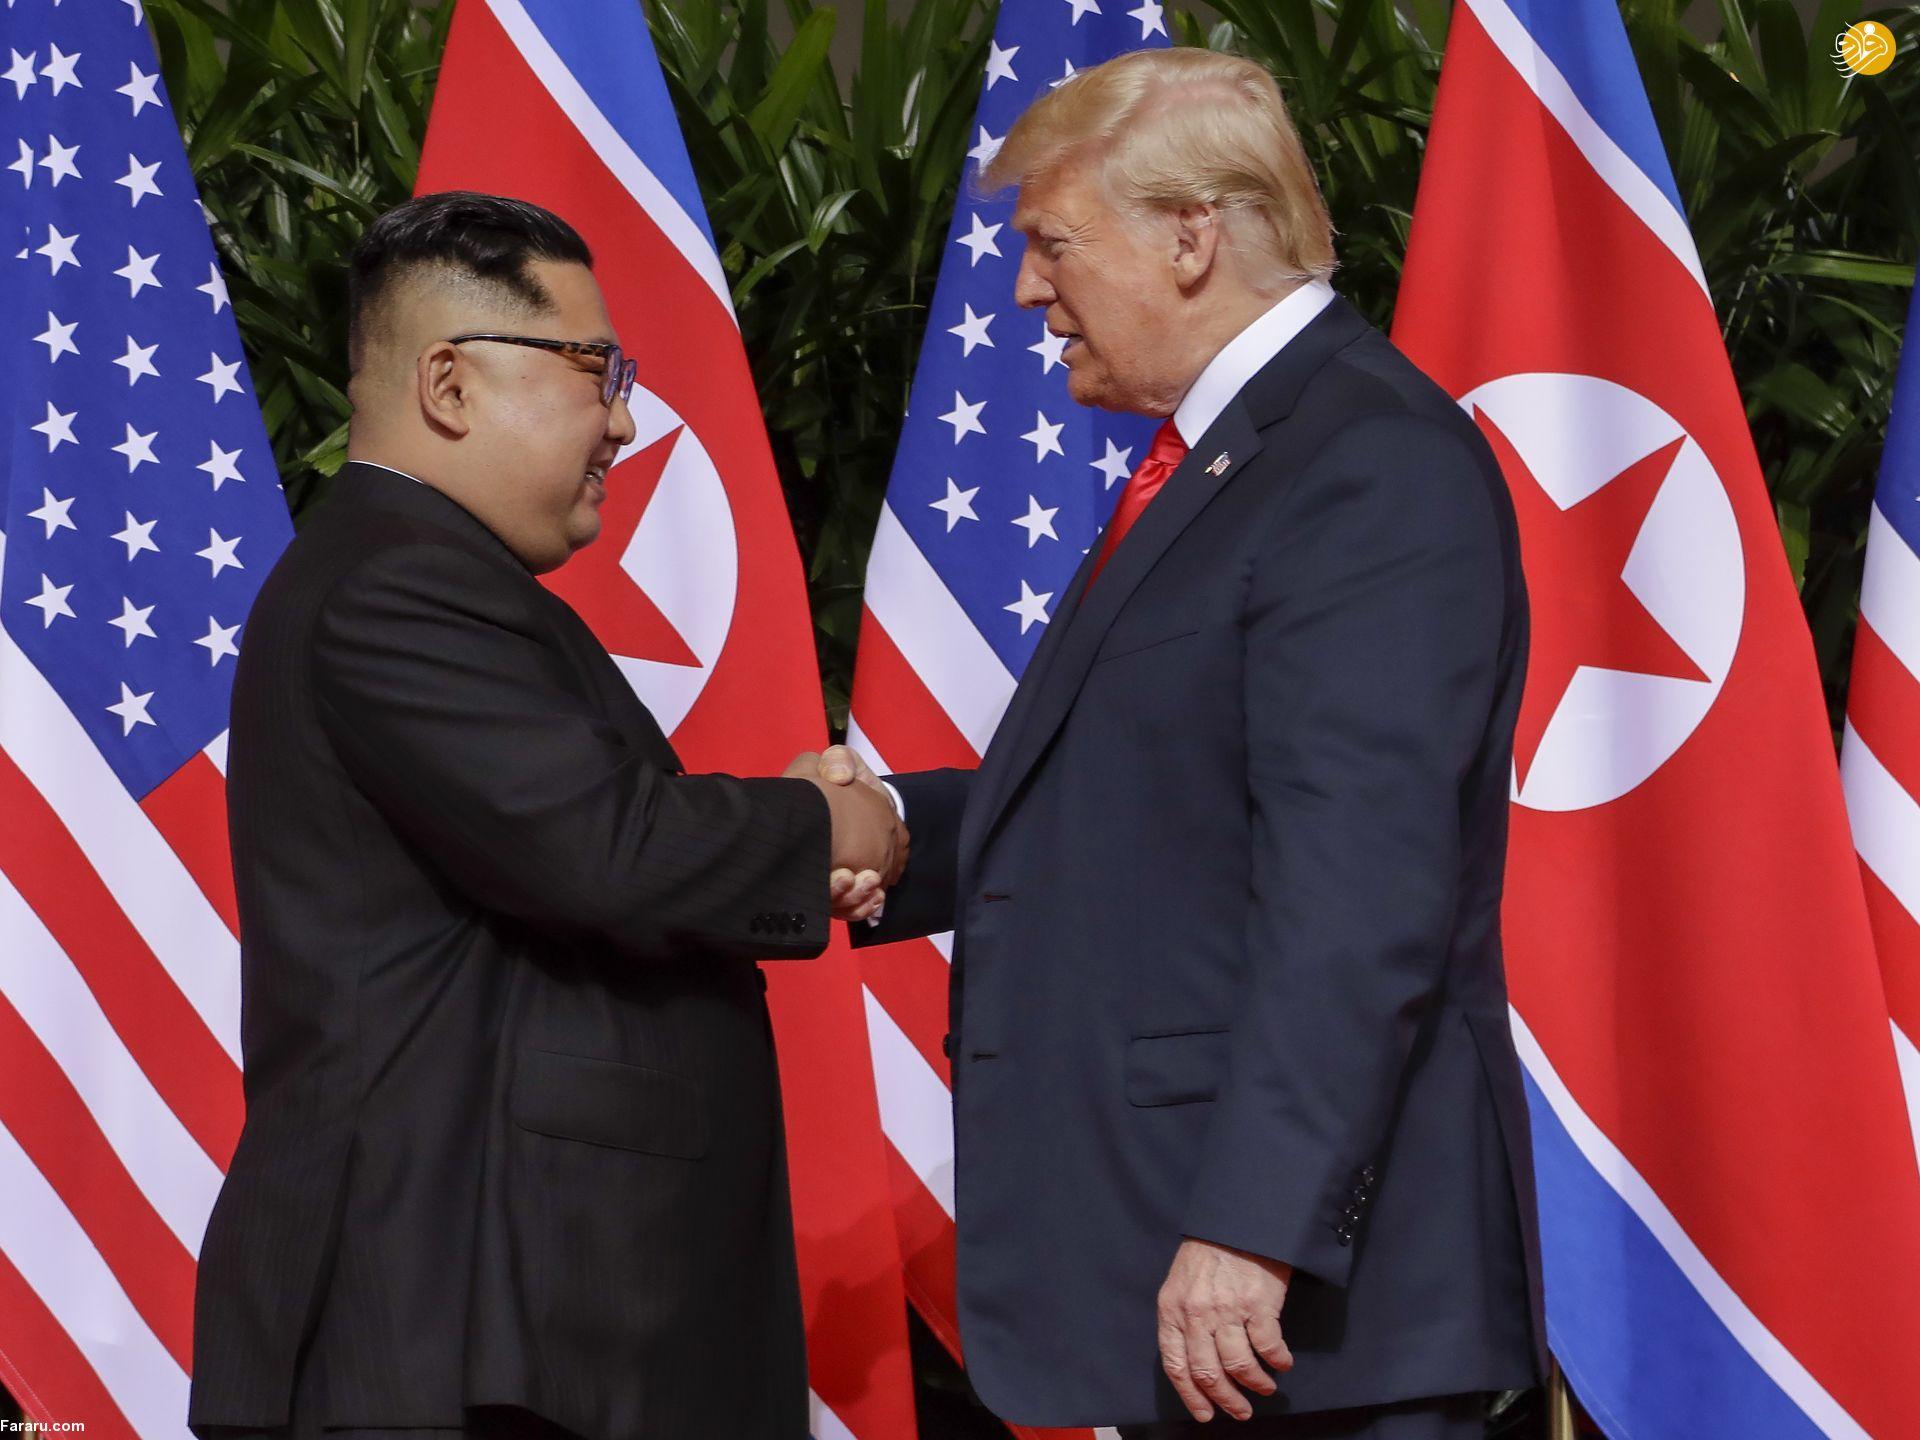 (تصاویر) دیدار تاریخی رهبر کرهشمالی و رییسجمهور آمریکا